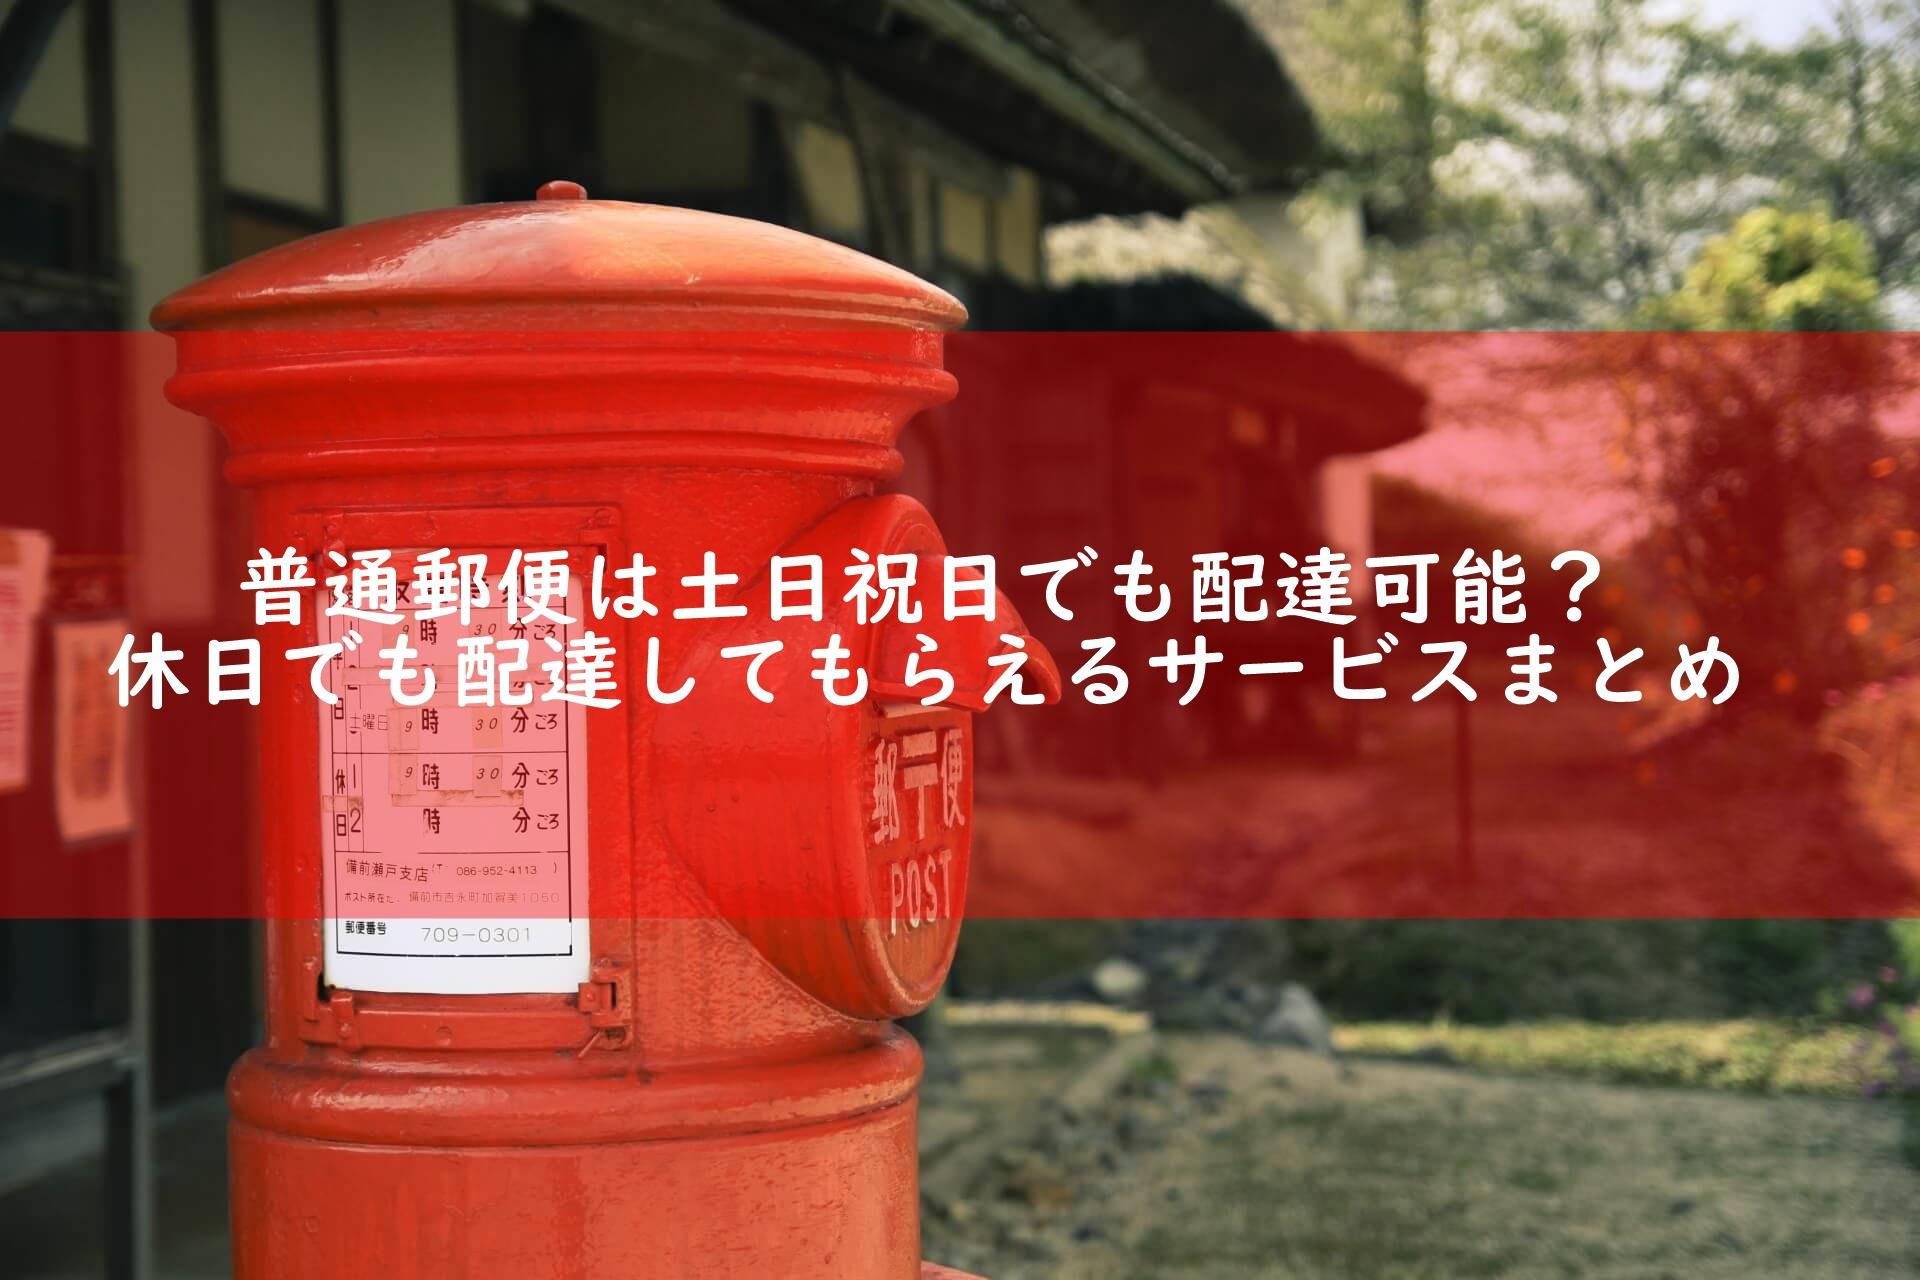 普通郵便は土日祝日